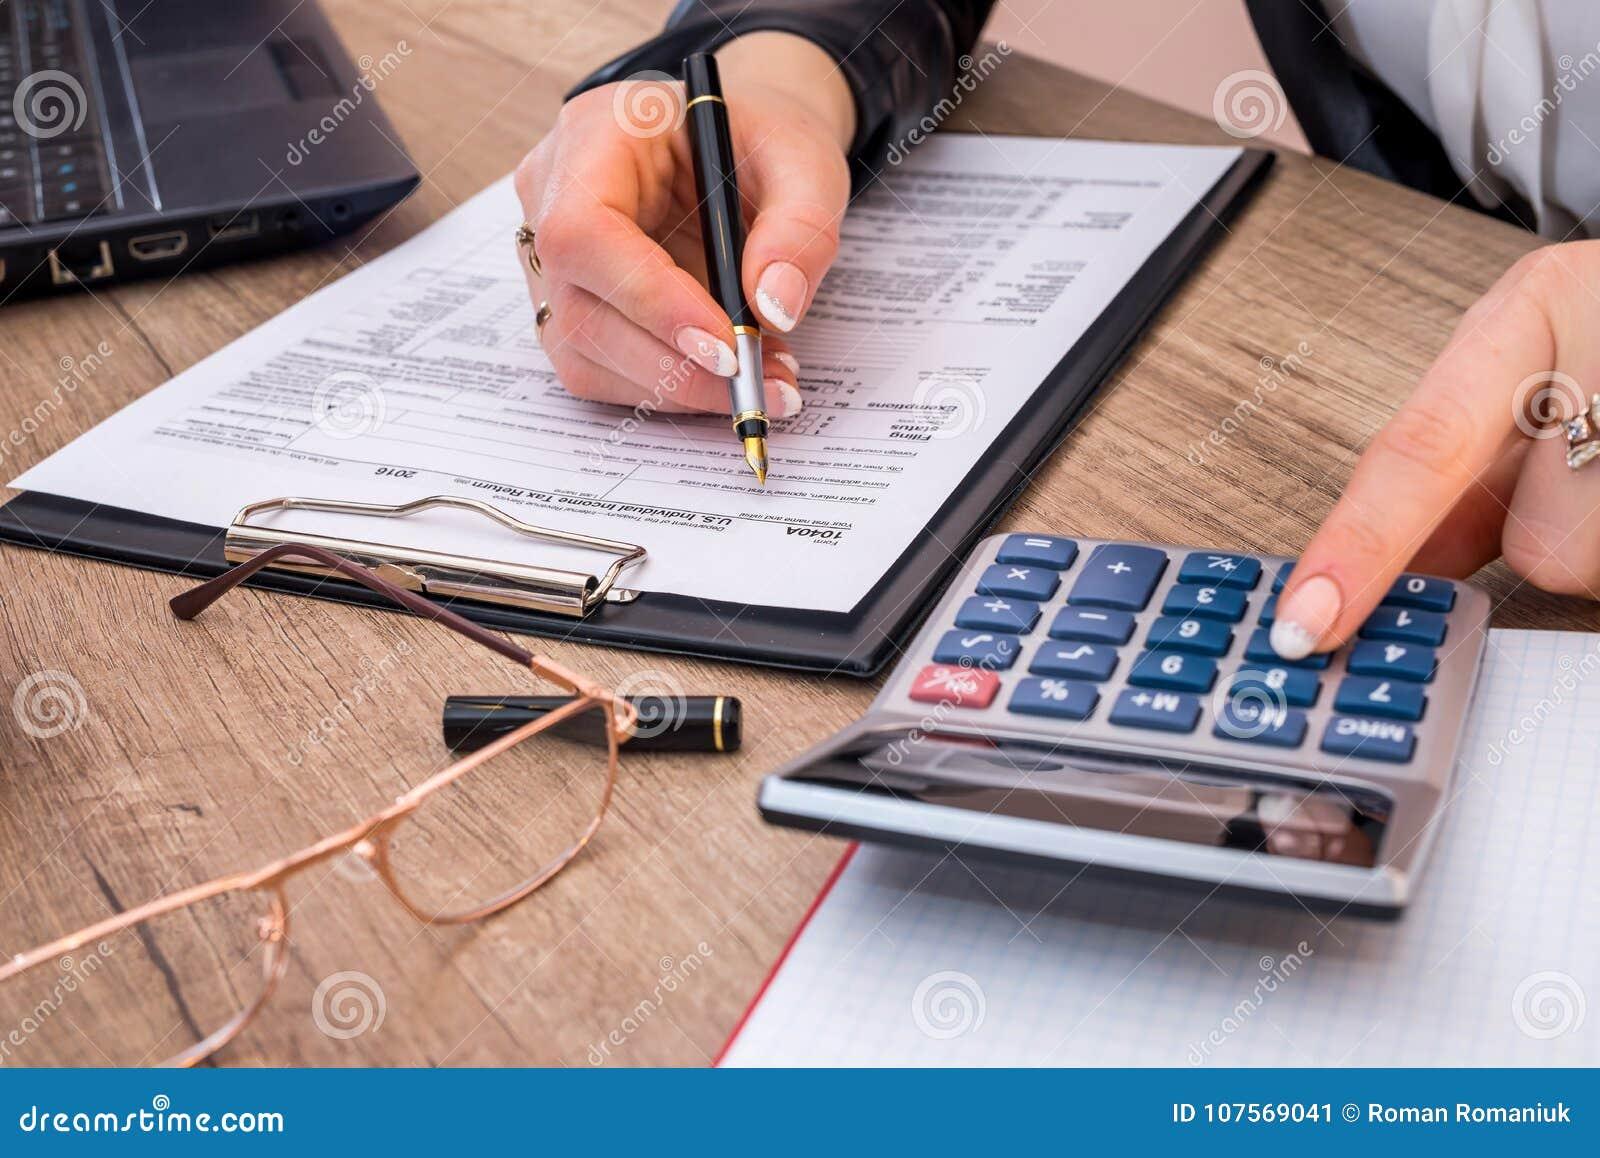 Forma di imposta sul reddito delle persone fisiche della limatura della donna 1040, con il calcolatore